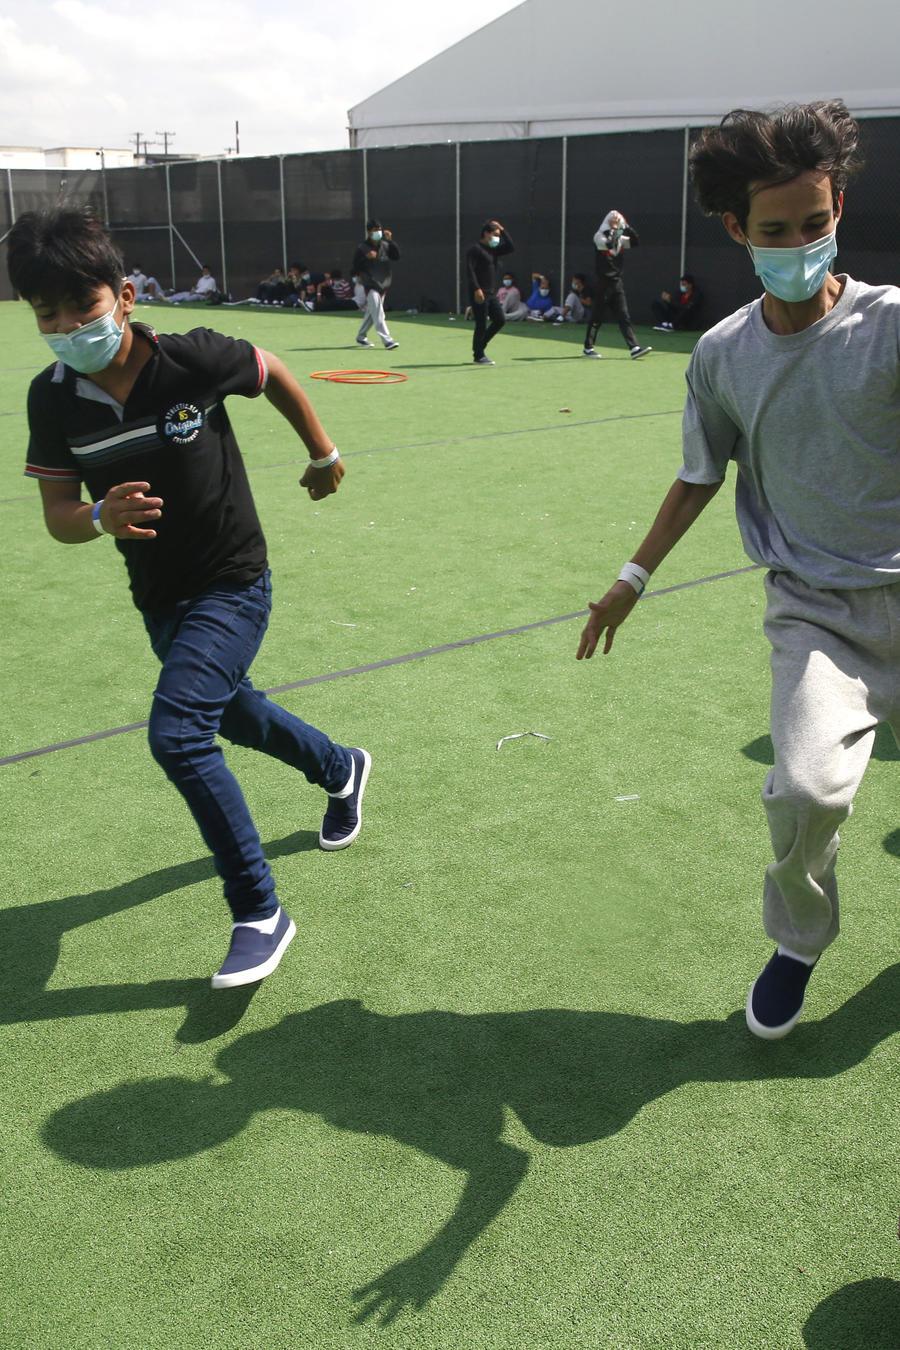 Un grupo de niños juega en un centro de detención del Departamento de Seguridad Nacional